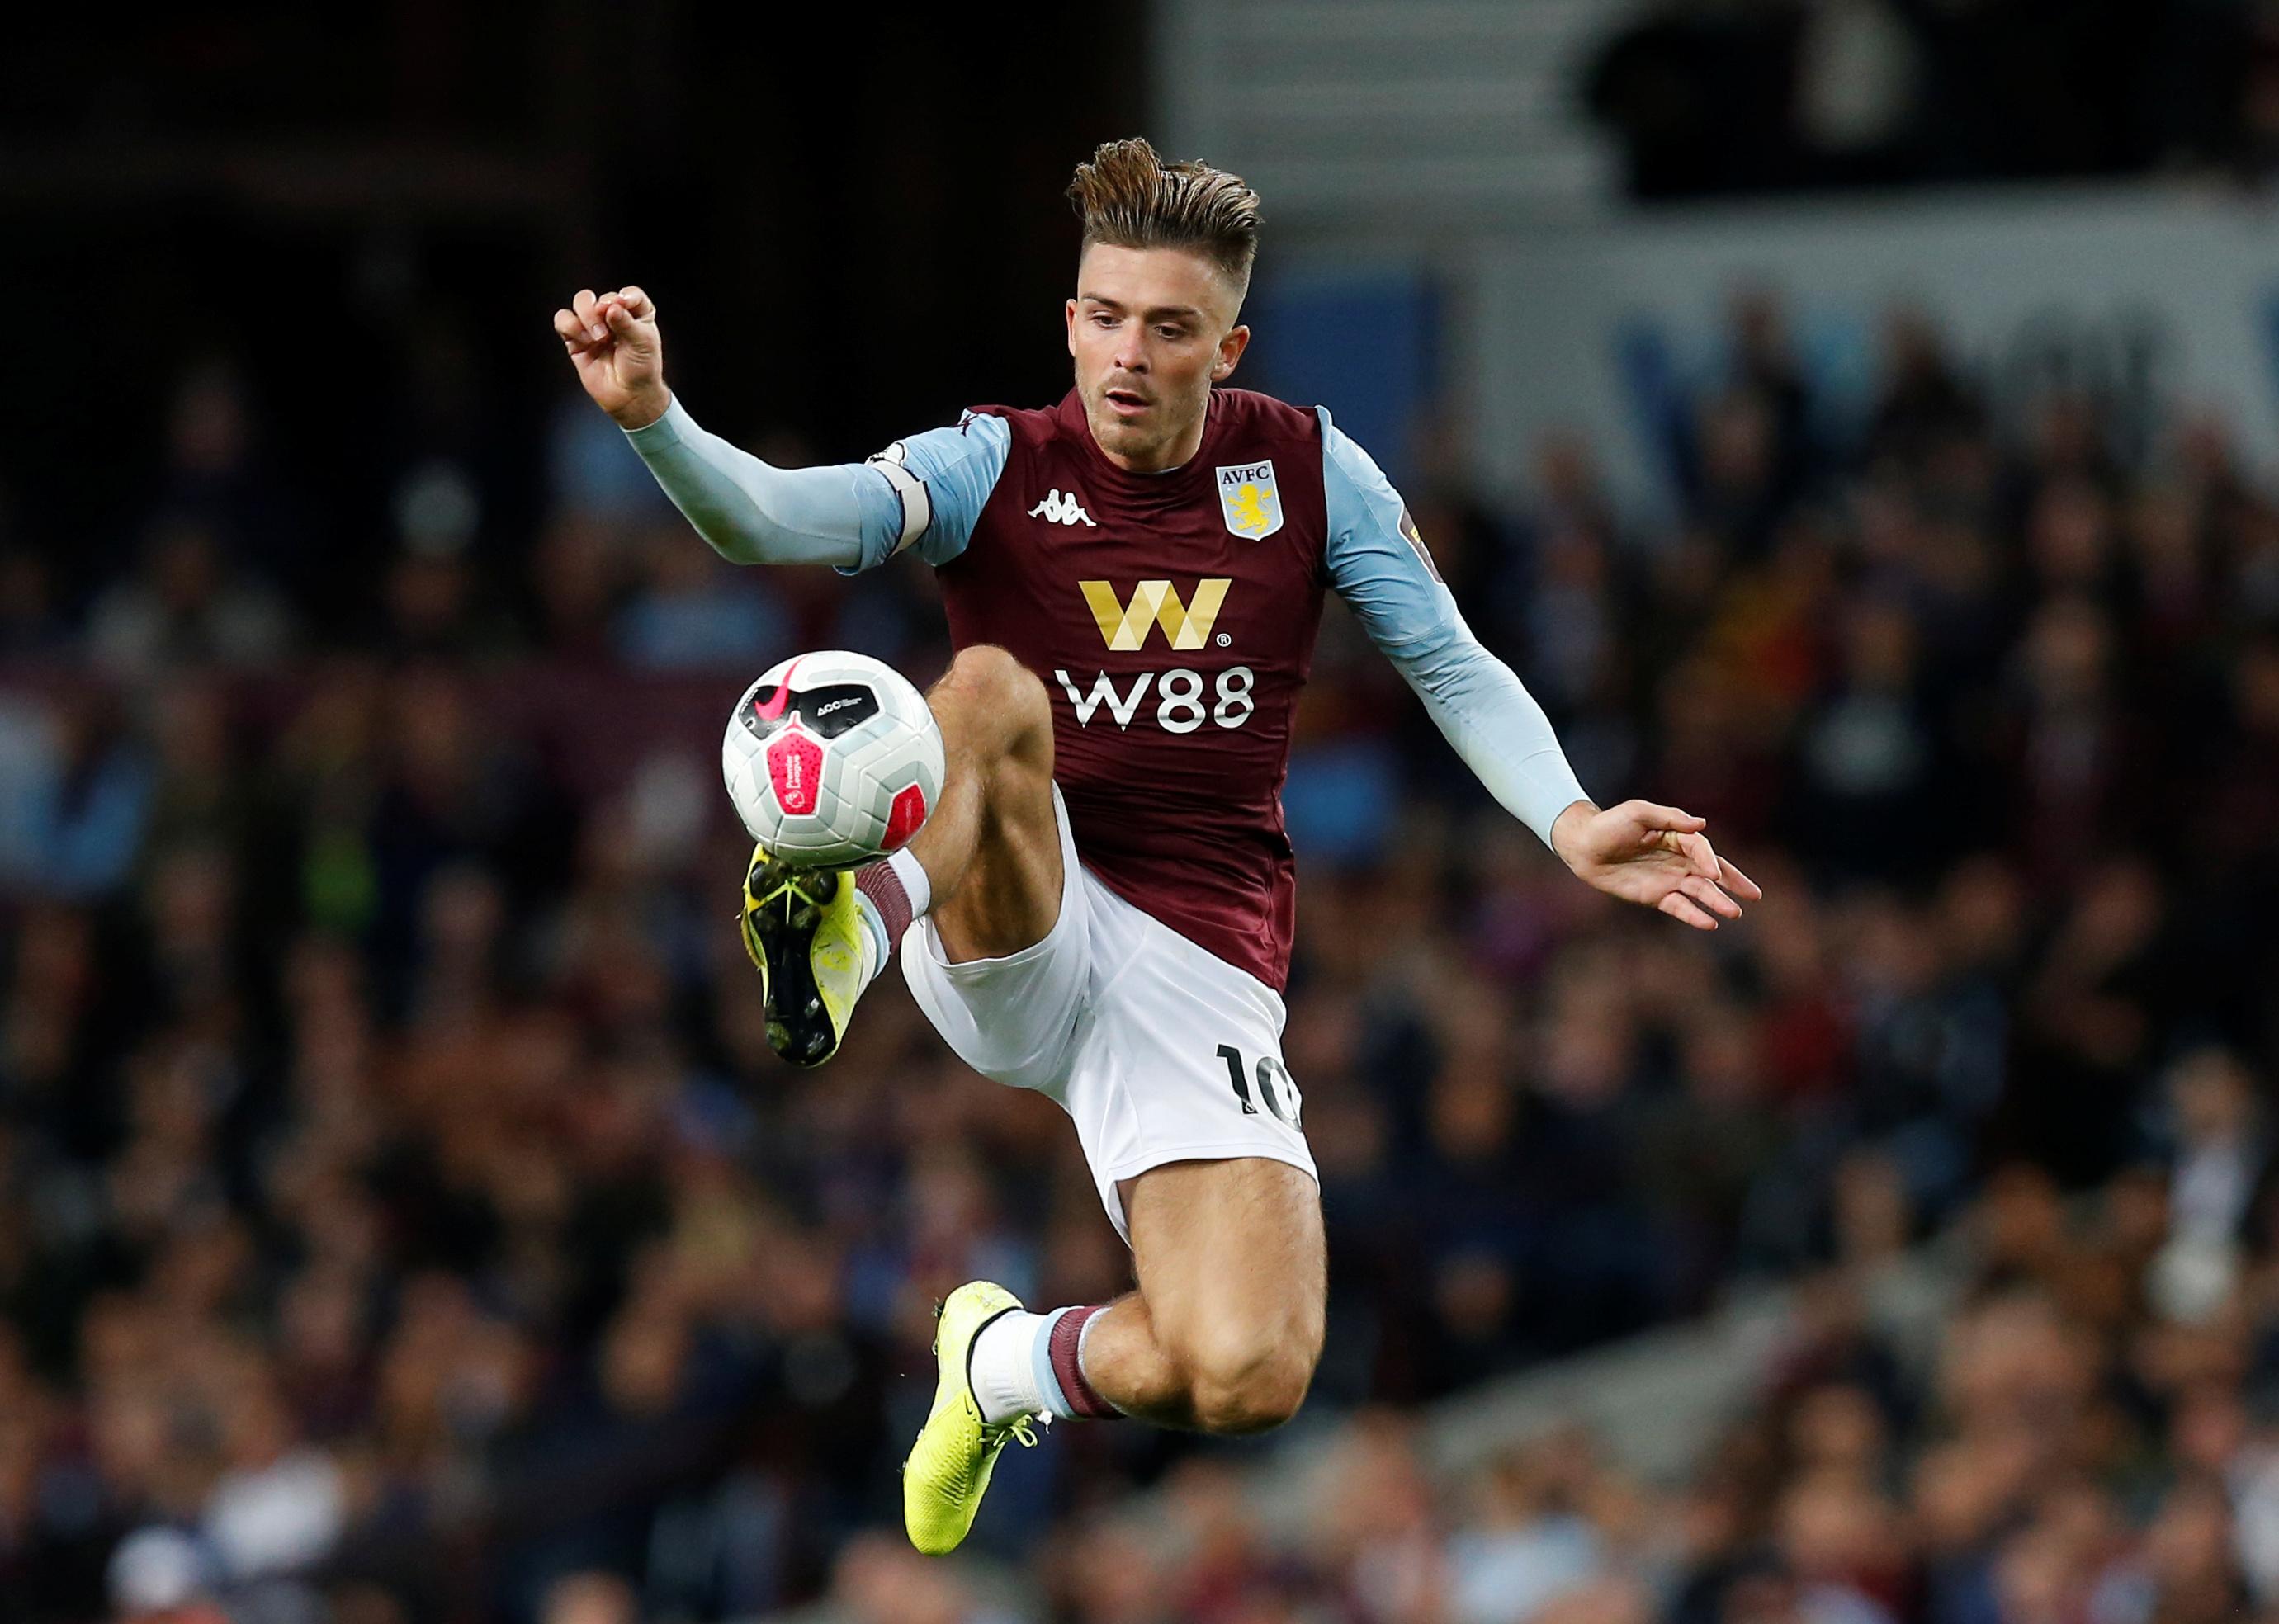 Aston Villa FC Midfielders 2019: Jack Grealish